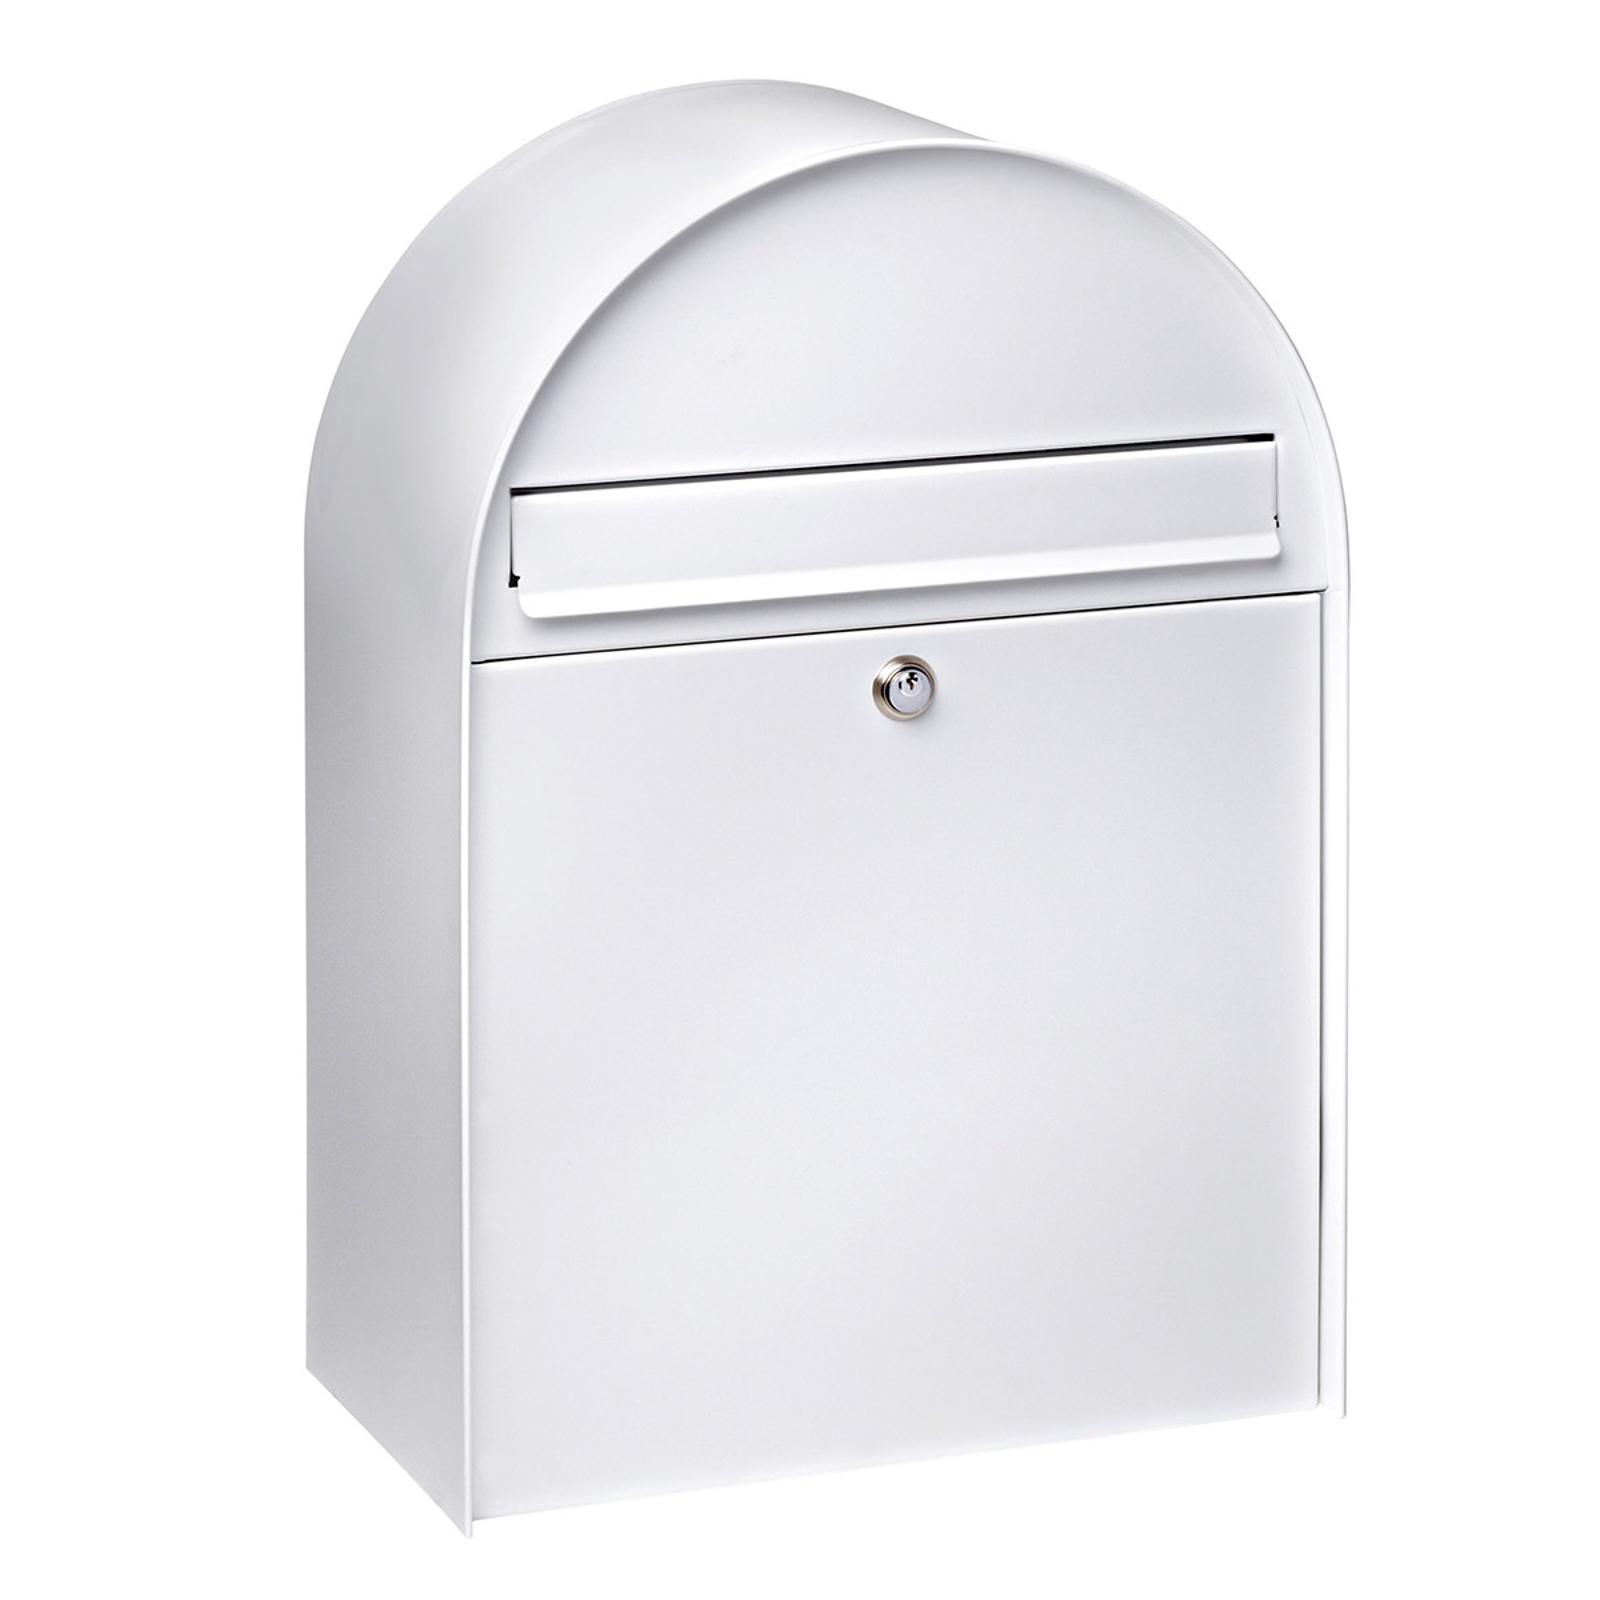 Nordic 780 - suuri postilaatikko, valk. päällyste